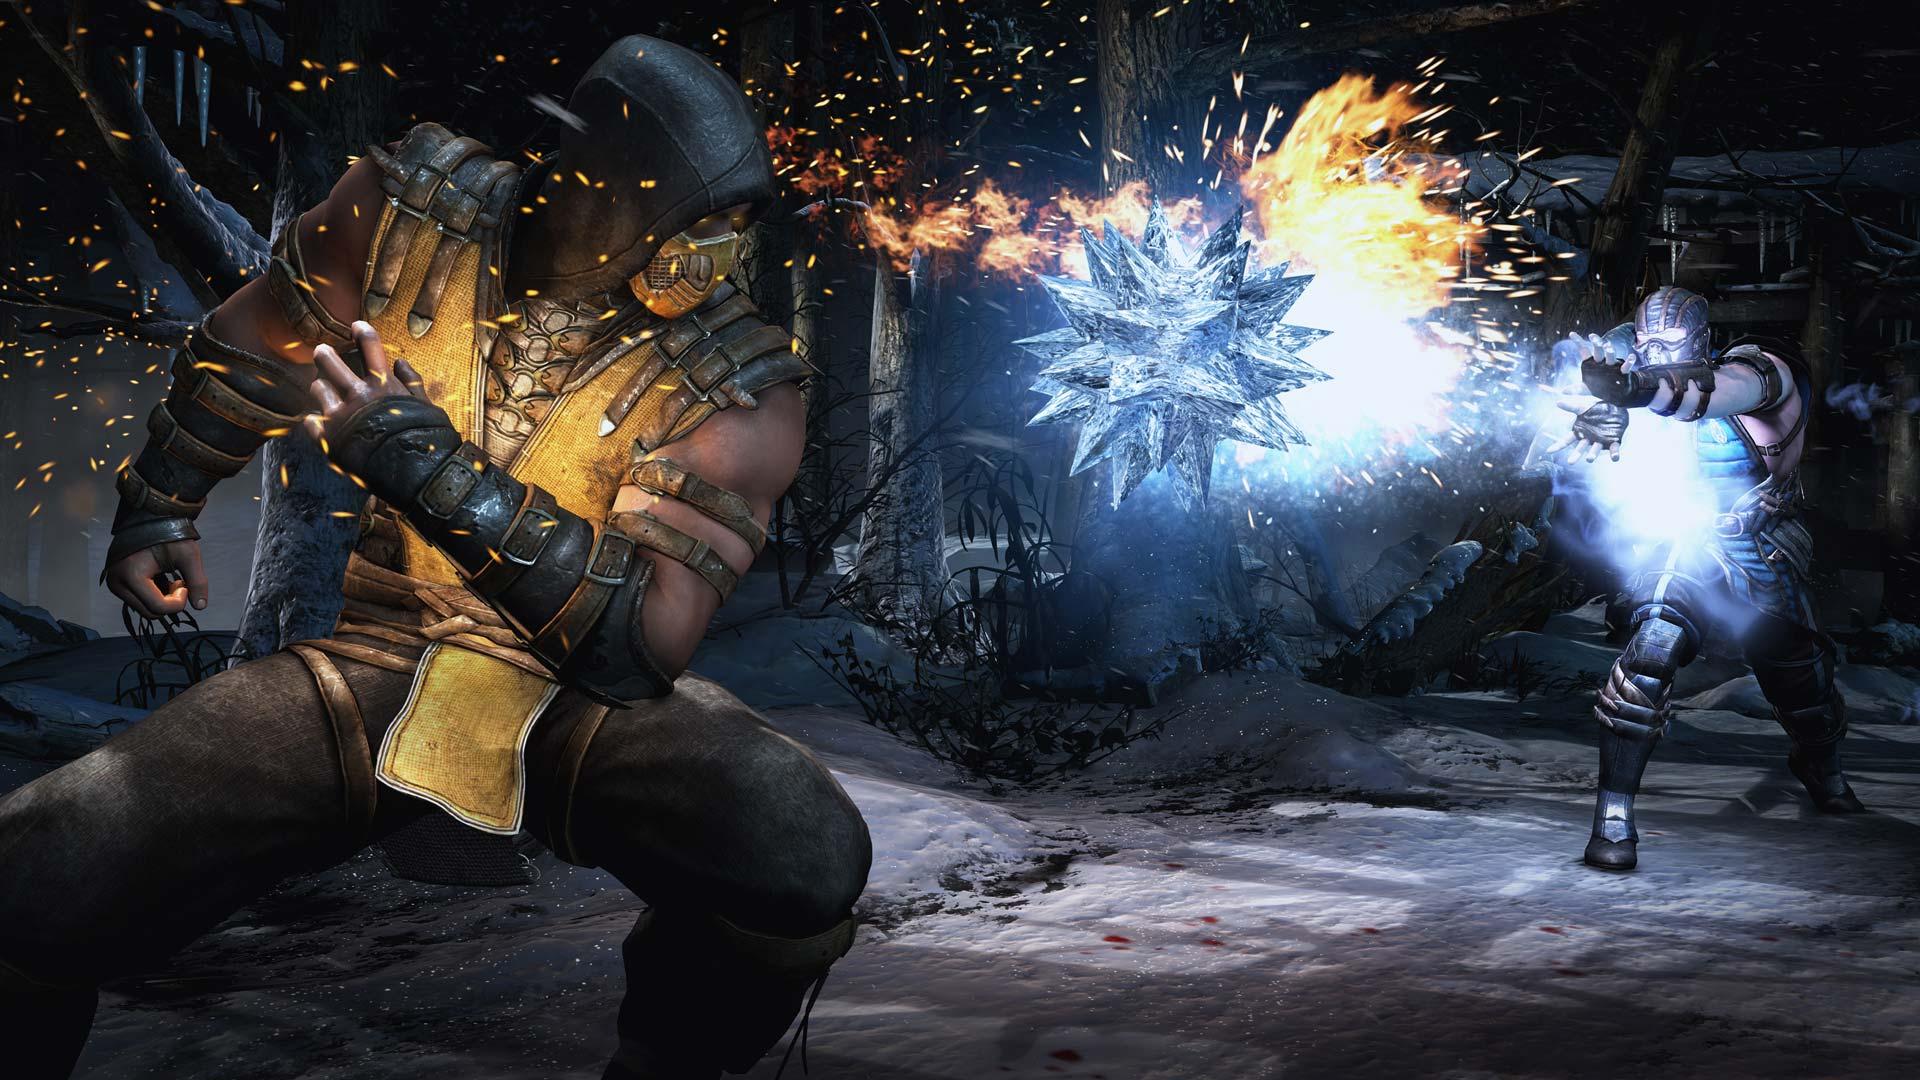 Mortal-Kombat-X-Gameplay-Video-Shows-Reptile-Wrecking-Kitana-473121-2